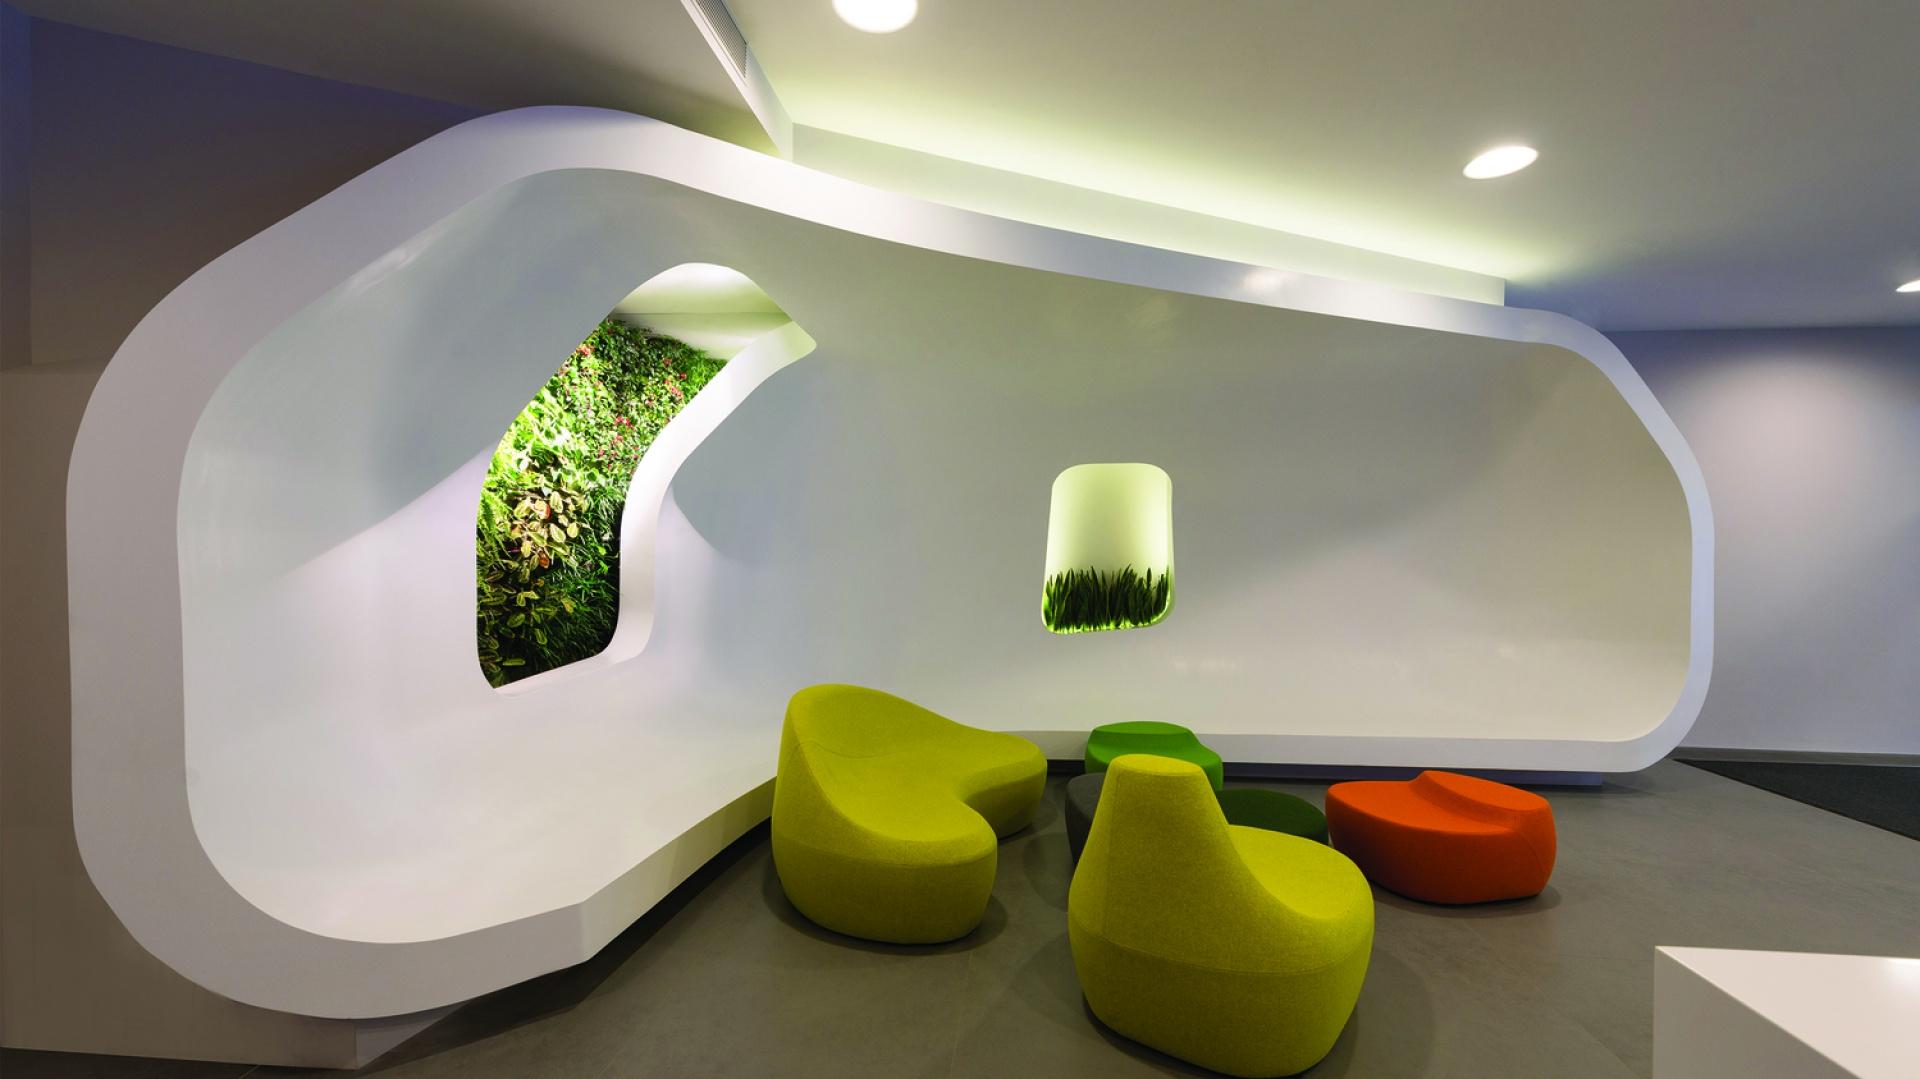 Biuro firmy Yandex w Moskwie. Fot. Ilya Egorkin